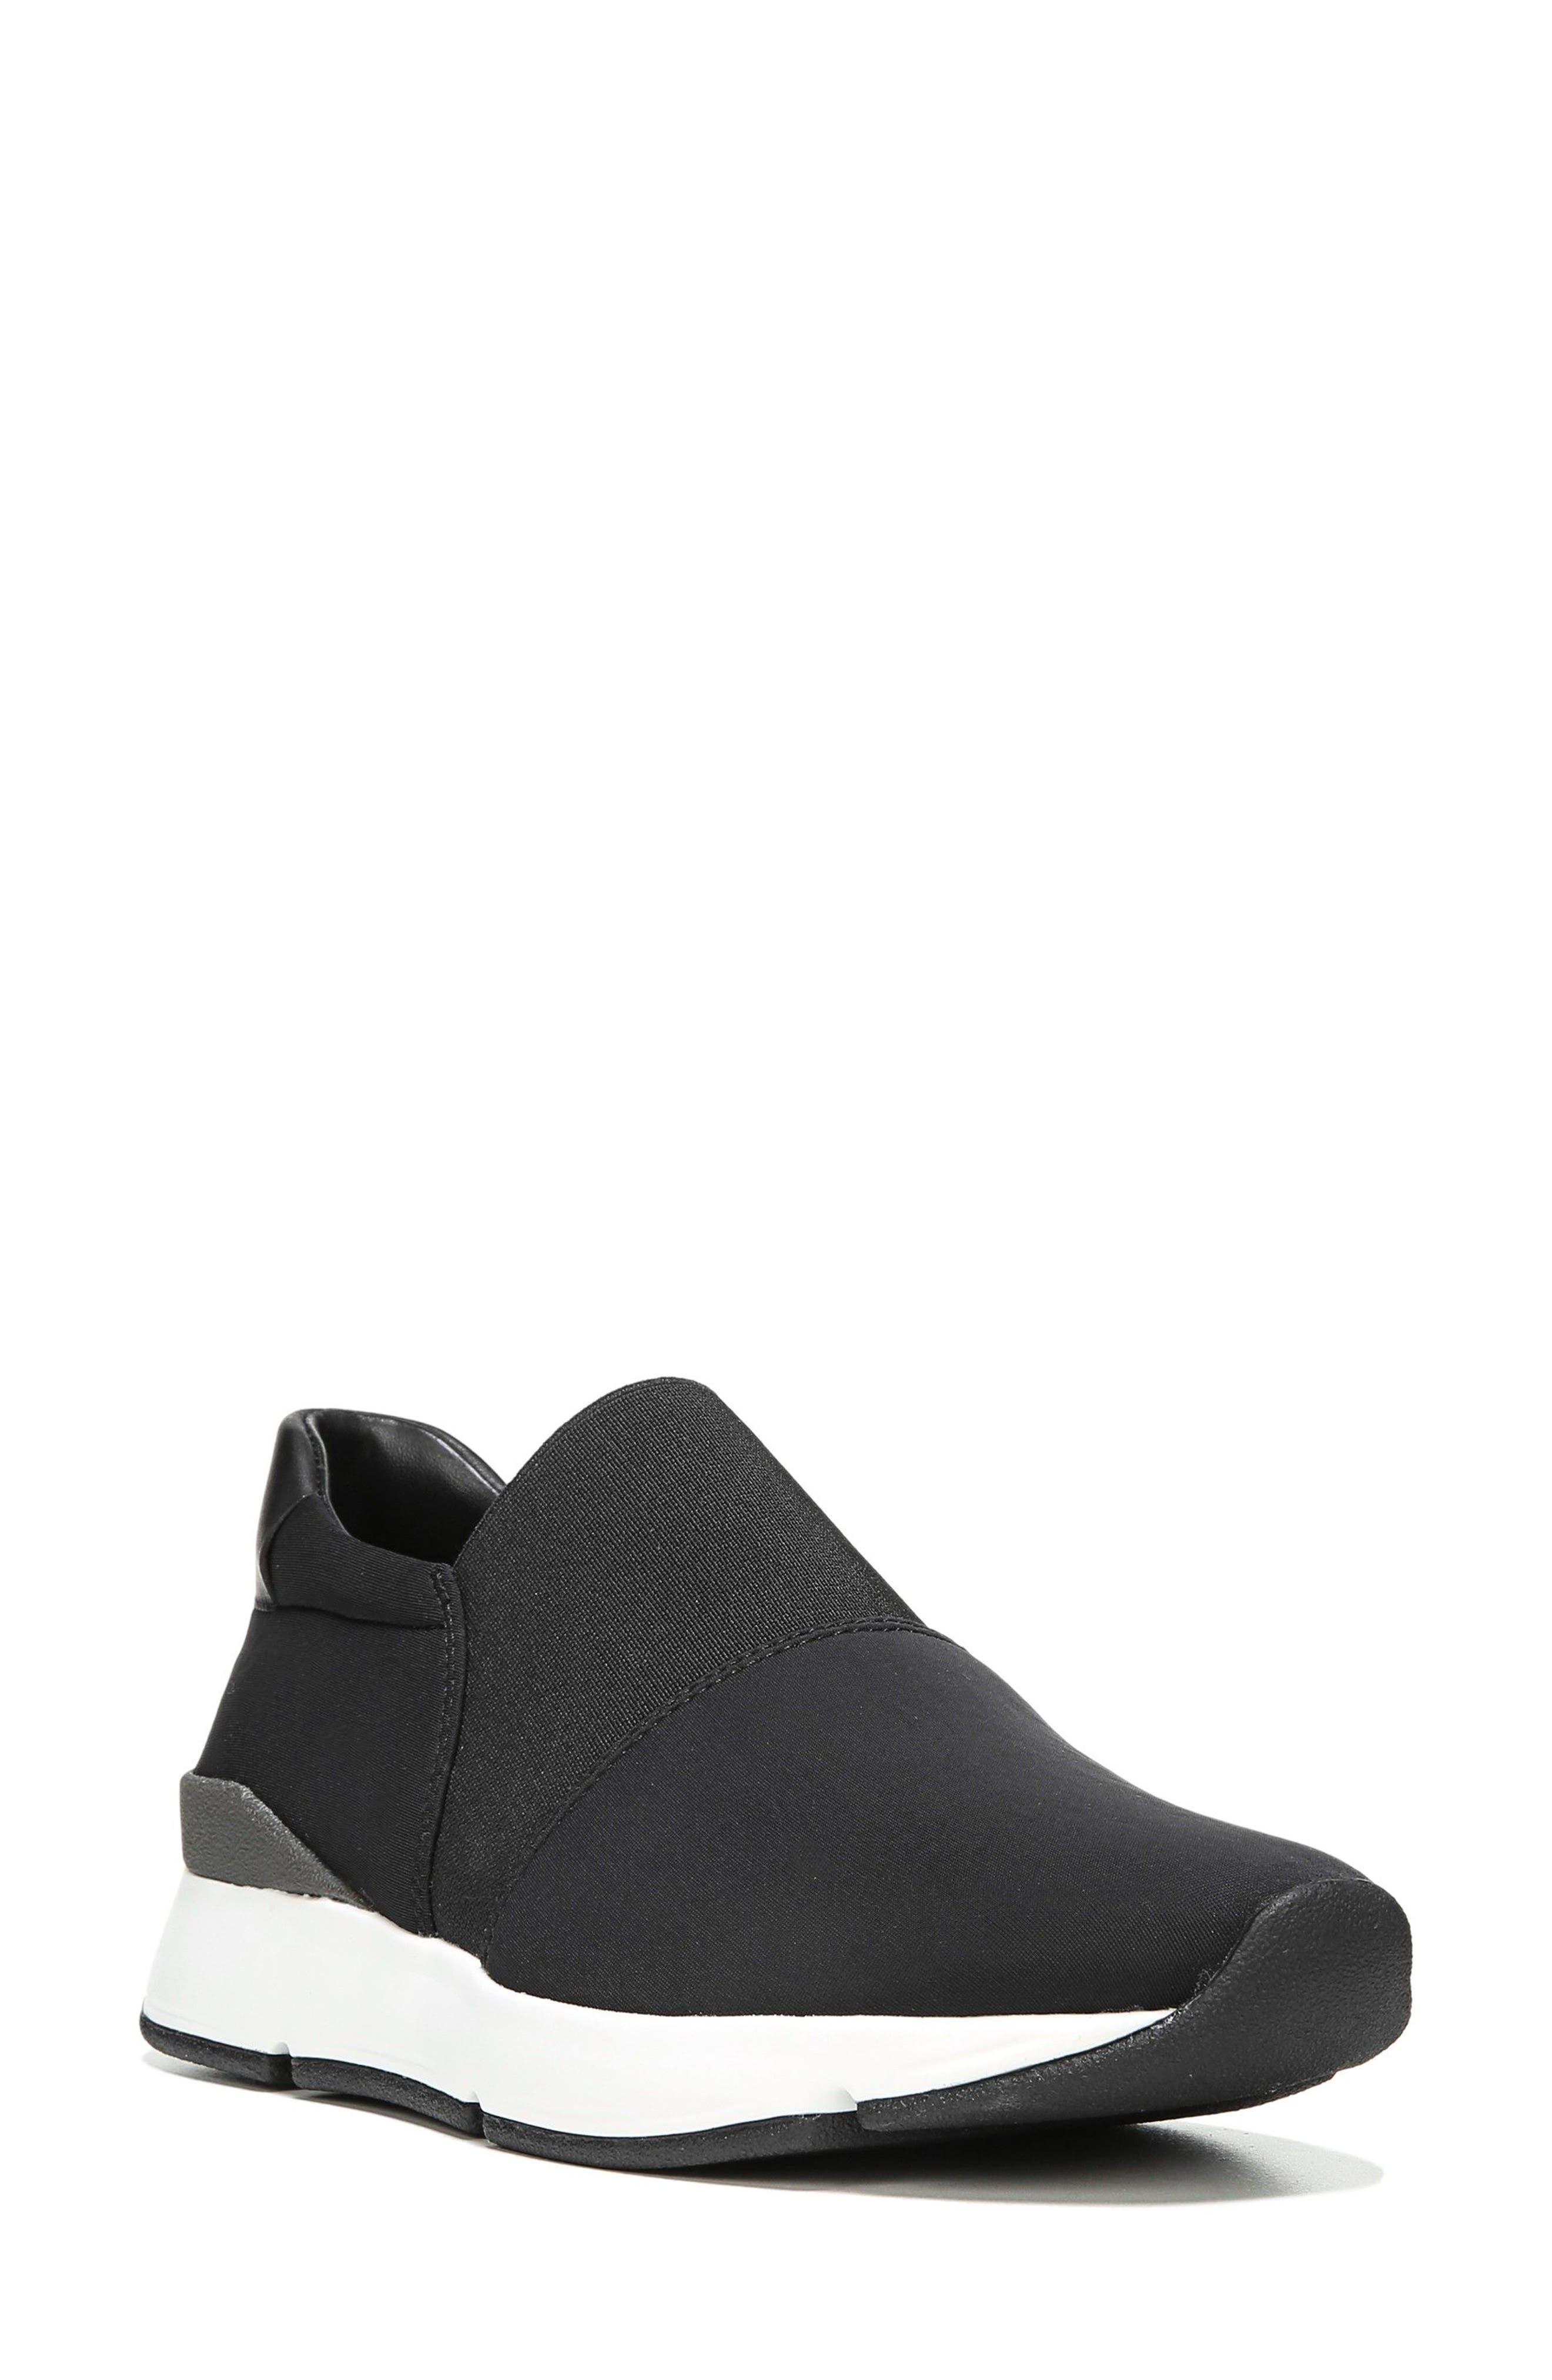 Truscott Slip-On Sneaker,                             Main thumbnail 1, color,                             001